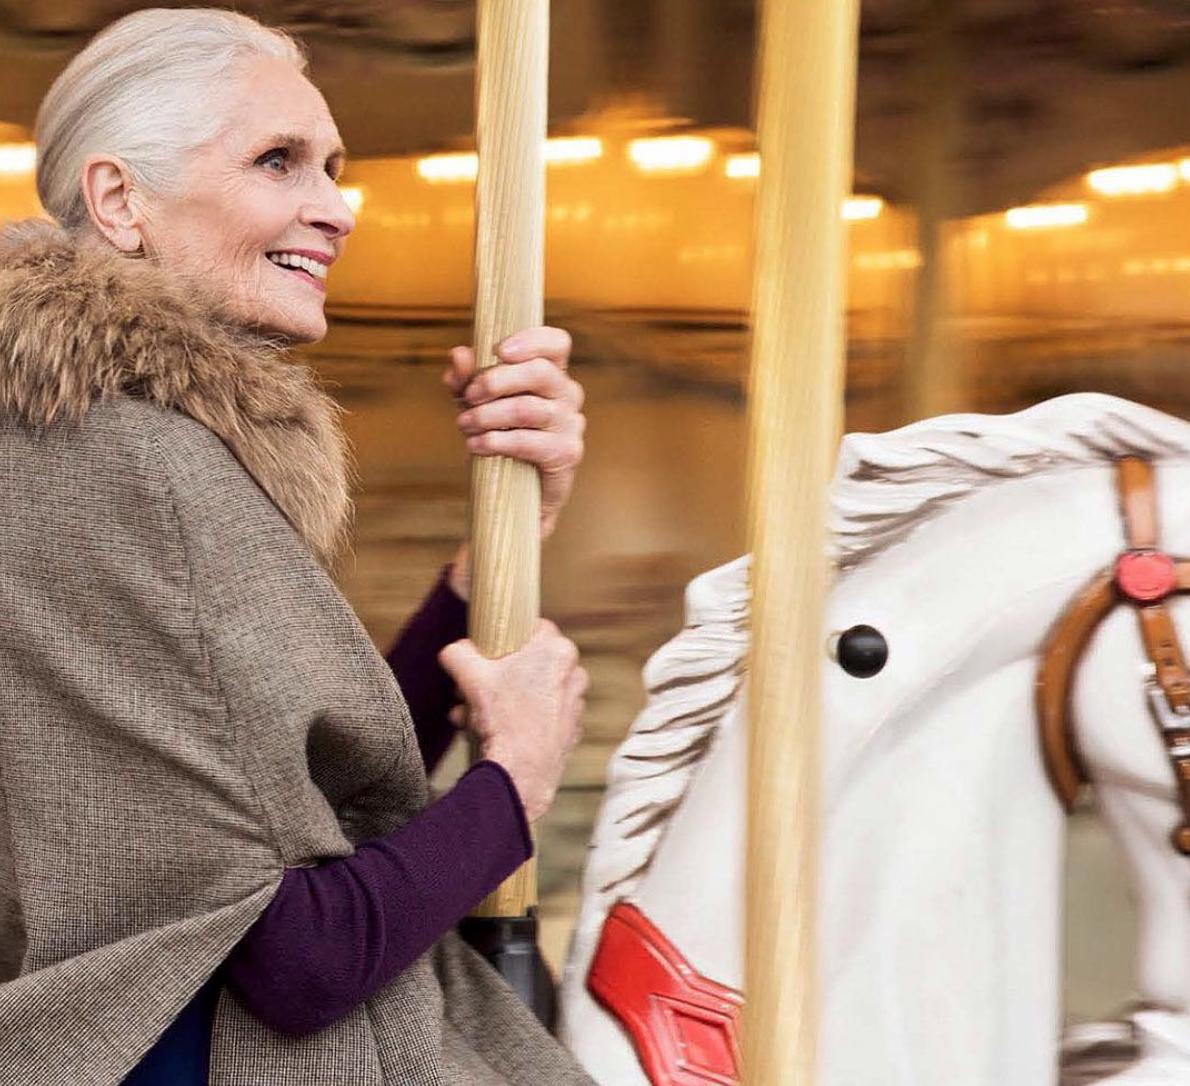 La bellezza vertiginosa di Daphne Selfe, la top model più anziana del mondo